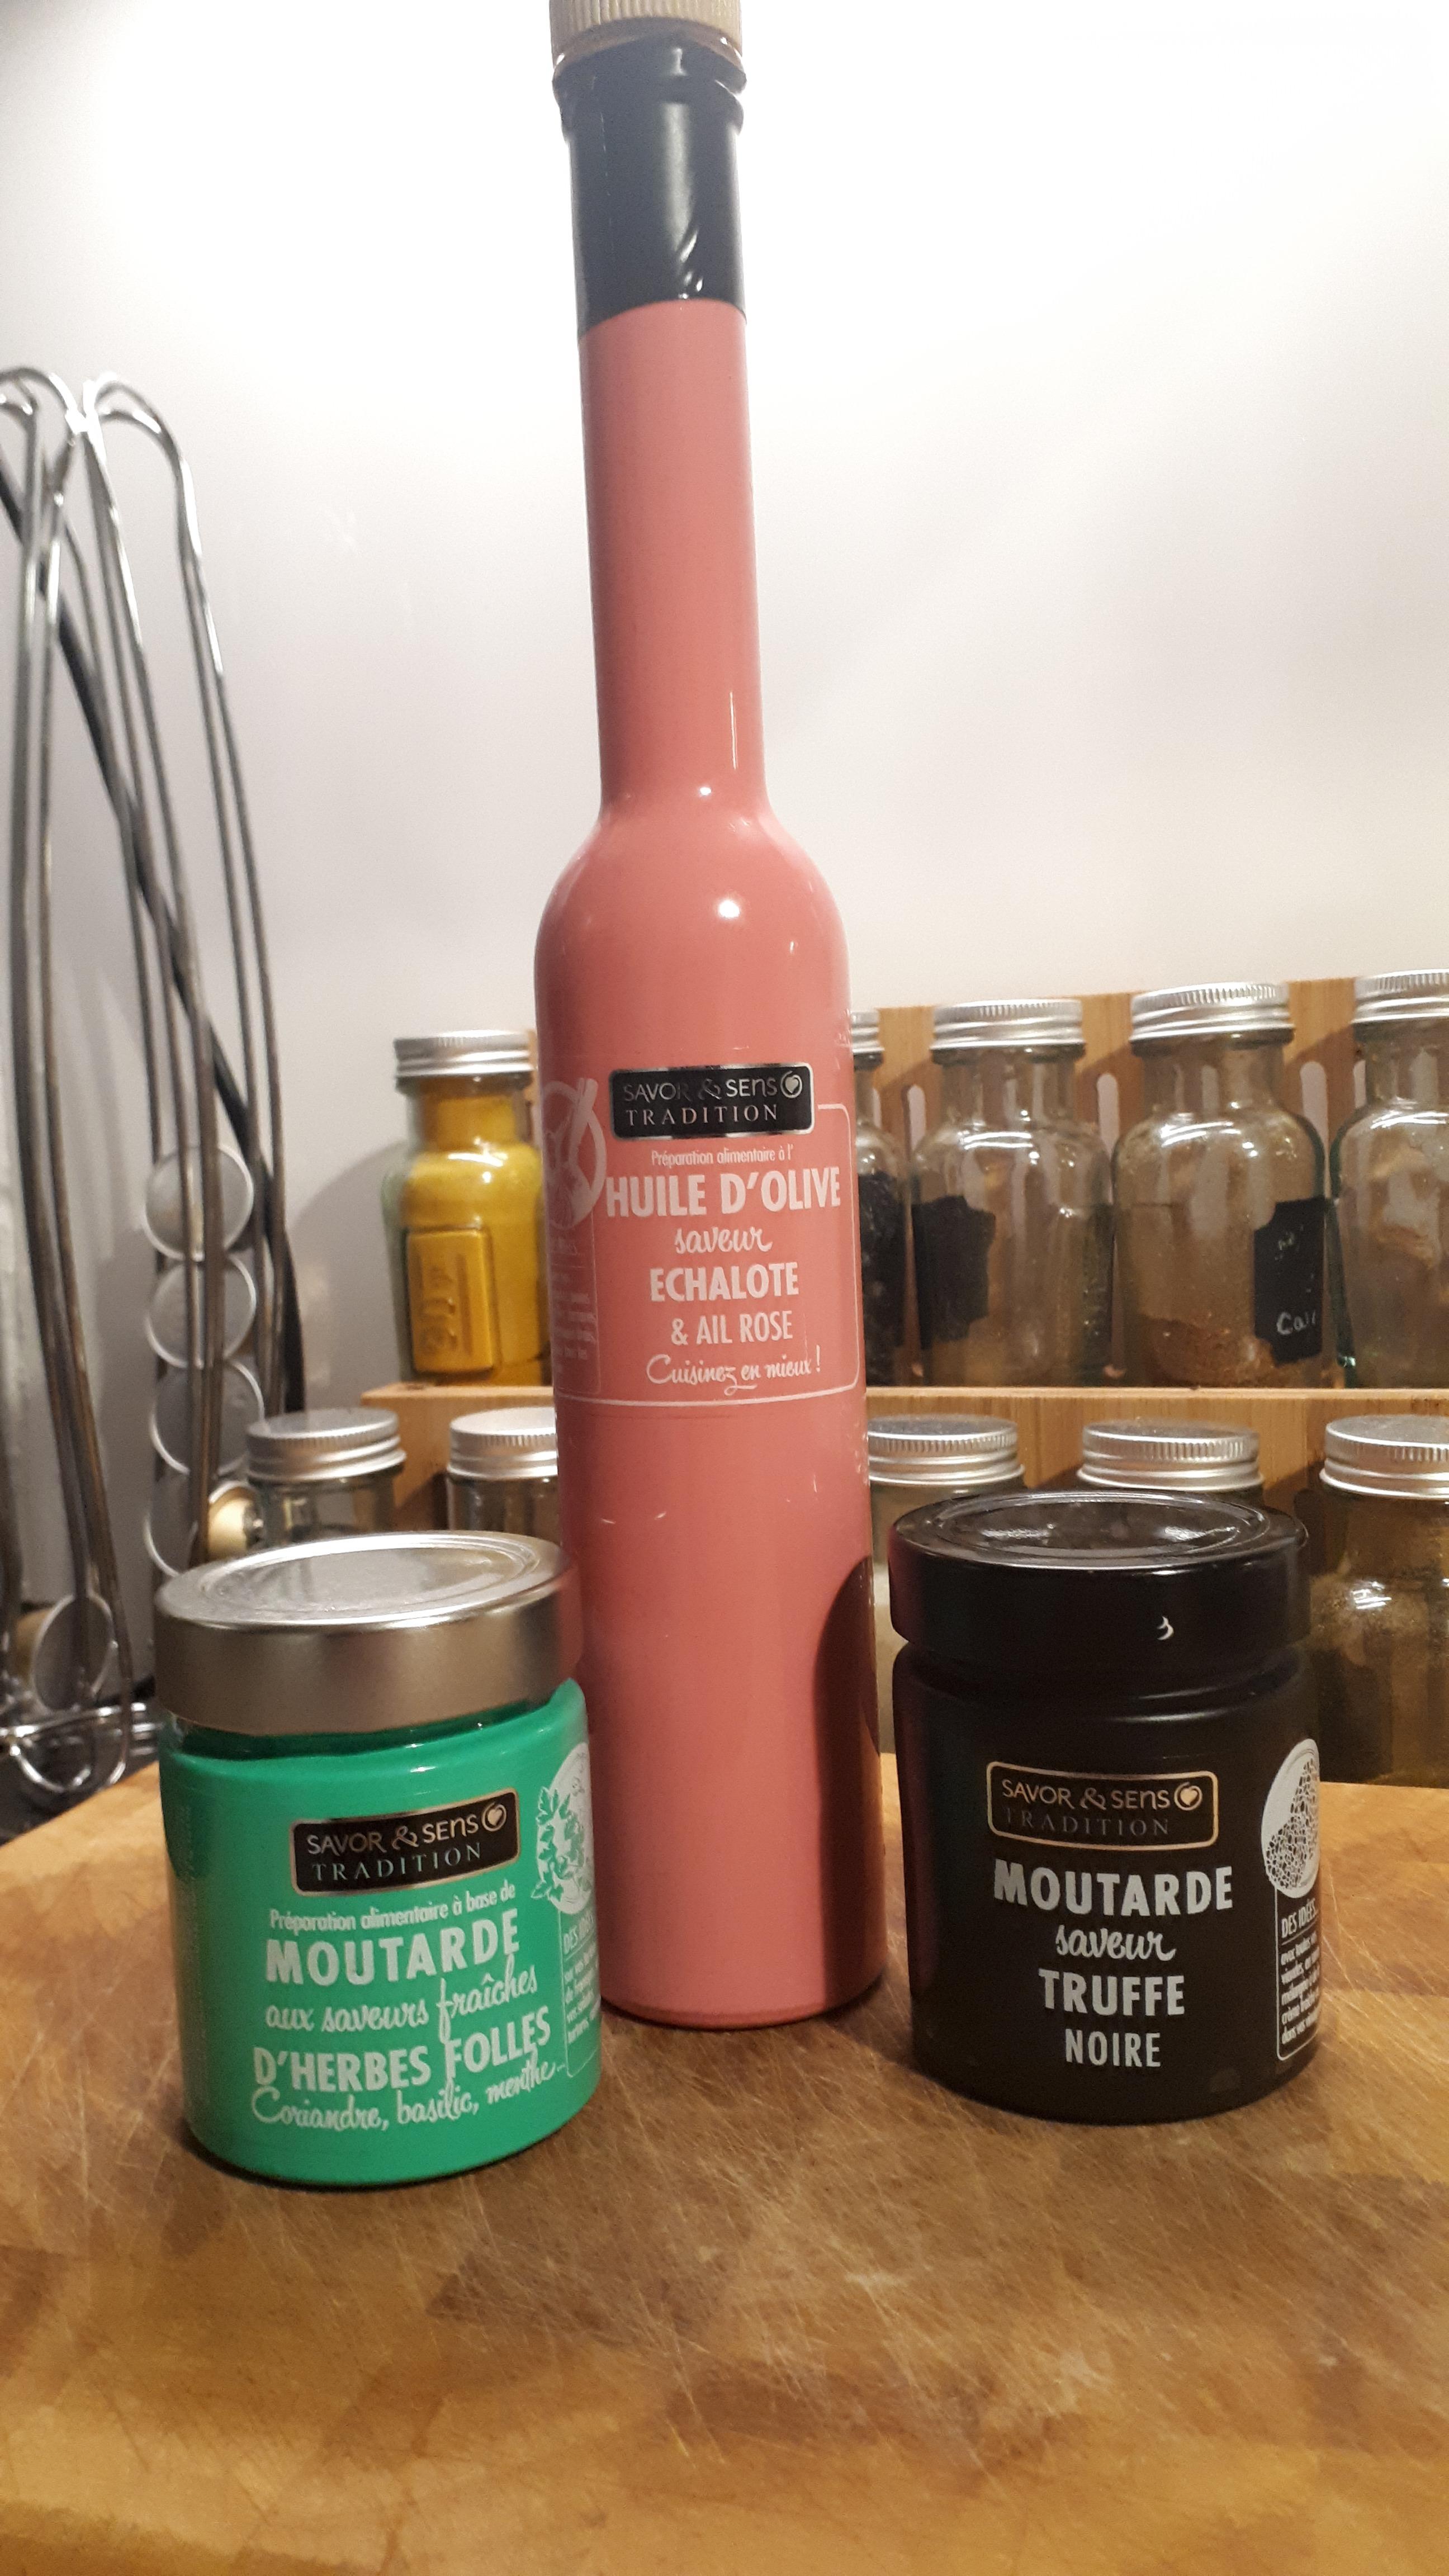 Huile d'olive et moutarde  Savor & Sens